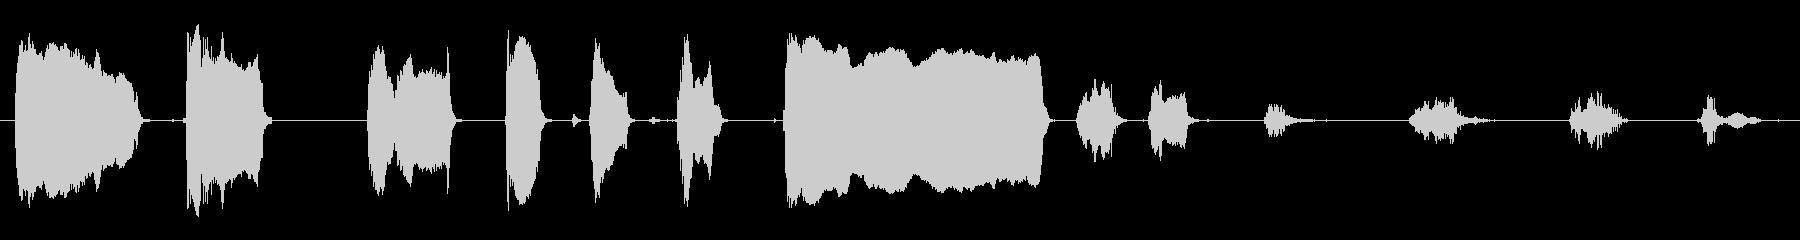 さまざまなラクダのうなり声の未再生の波形